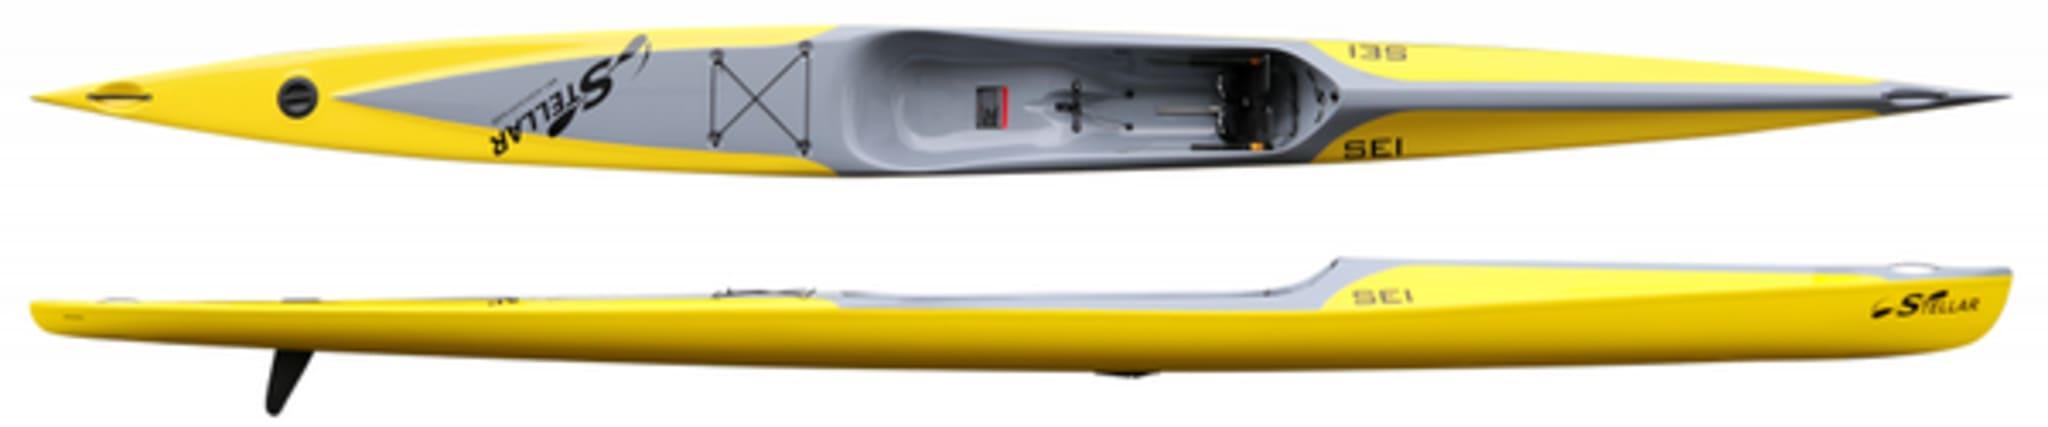 Rask og stabil surfski for de mer erfarne padlerne!